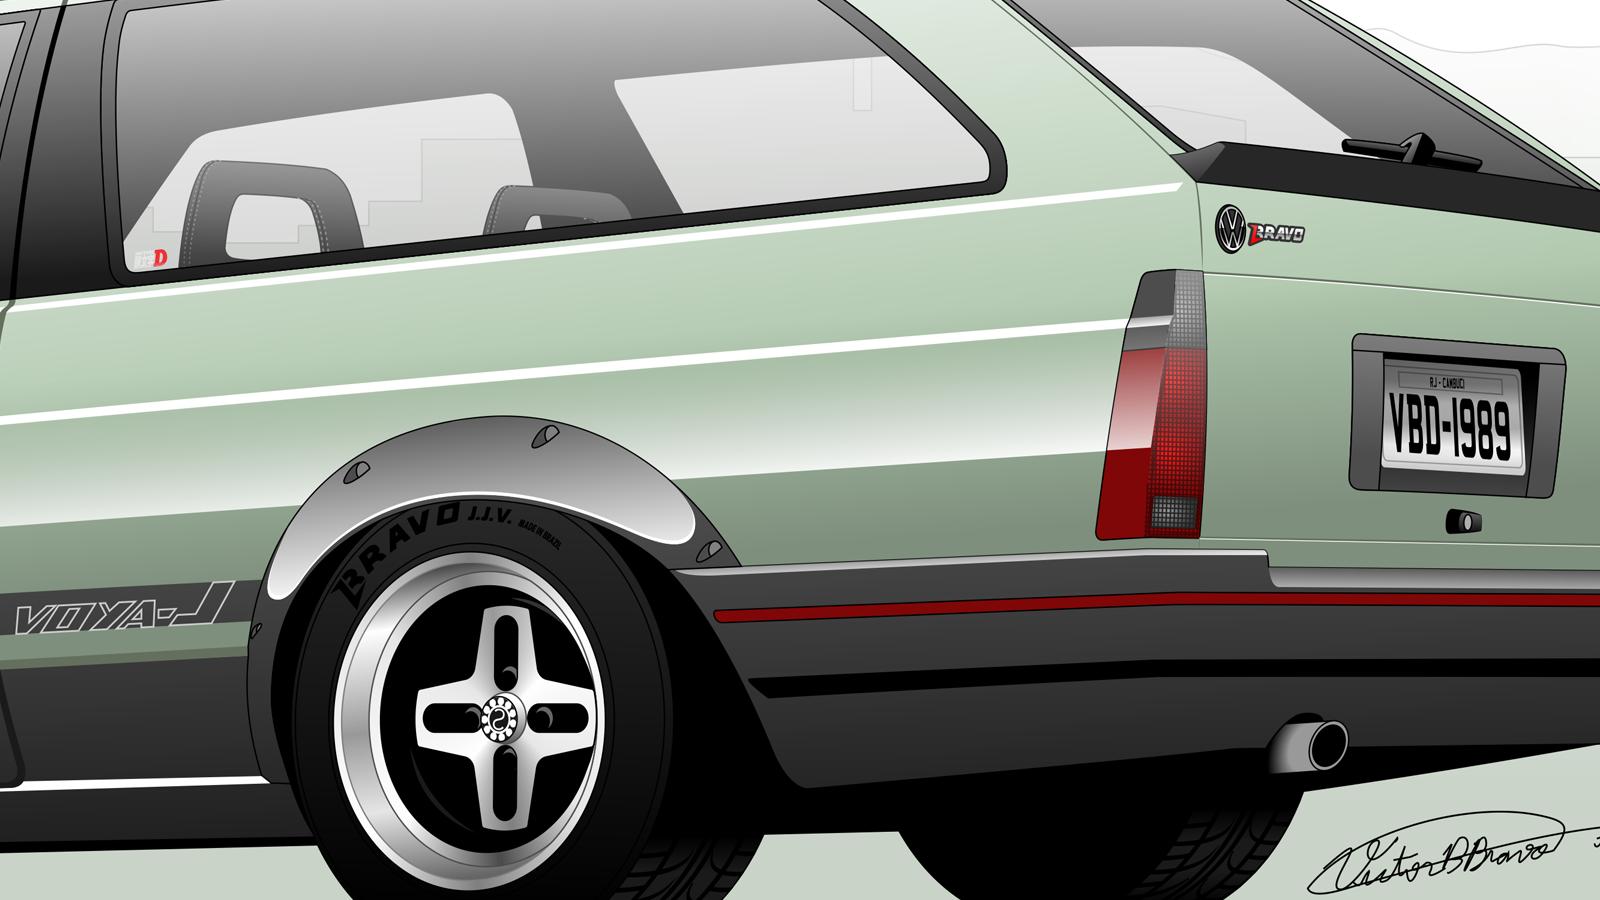 """Imagem mostrando o detalhe traseiro do Volkswagen Parati """"Voya-J Wagon"""""""